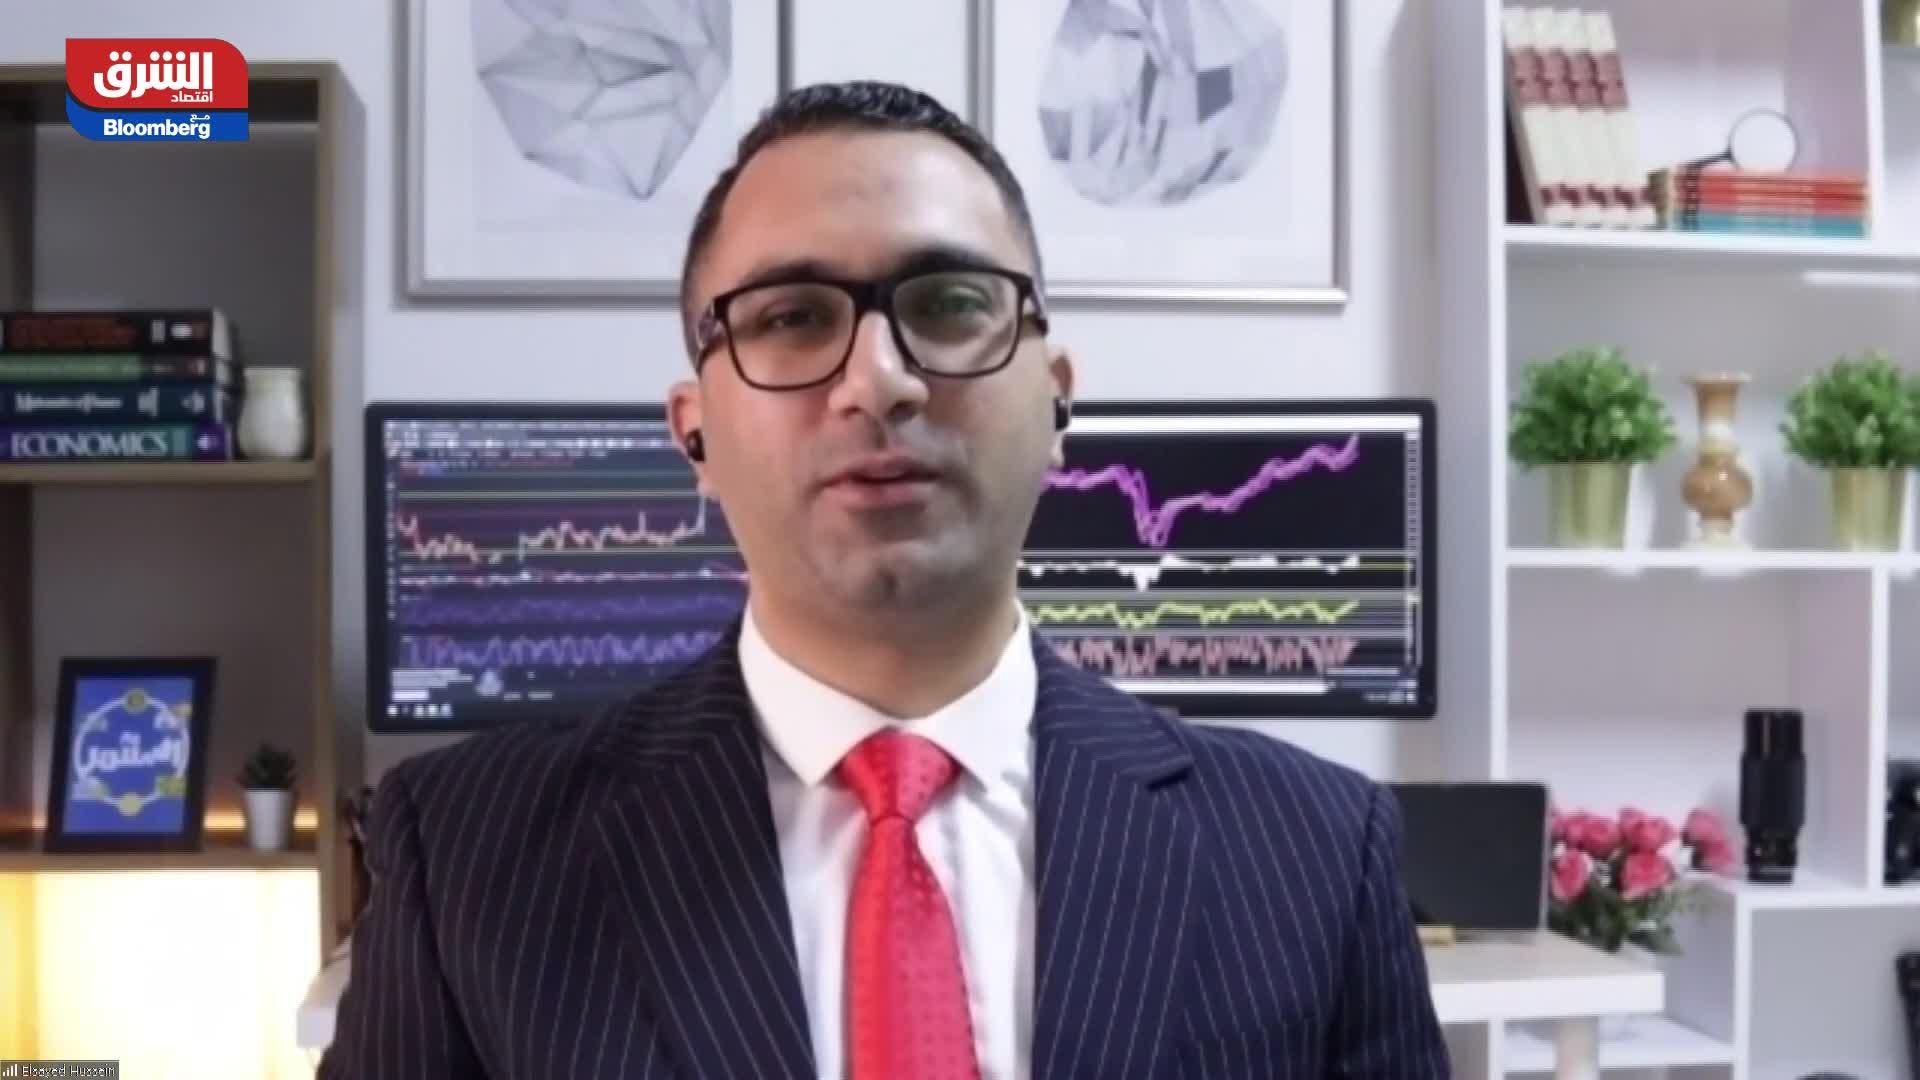 السيد حسين : انخفاض تقييمات الأسهم الآسيوية عامل جذب كبير للمستثمرين